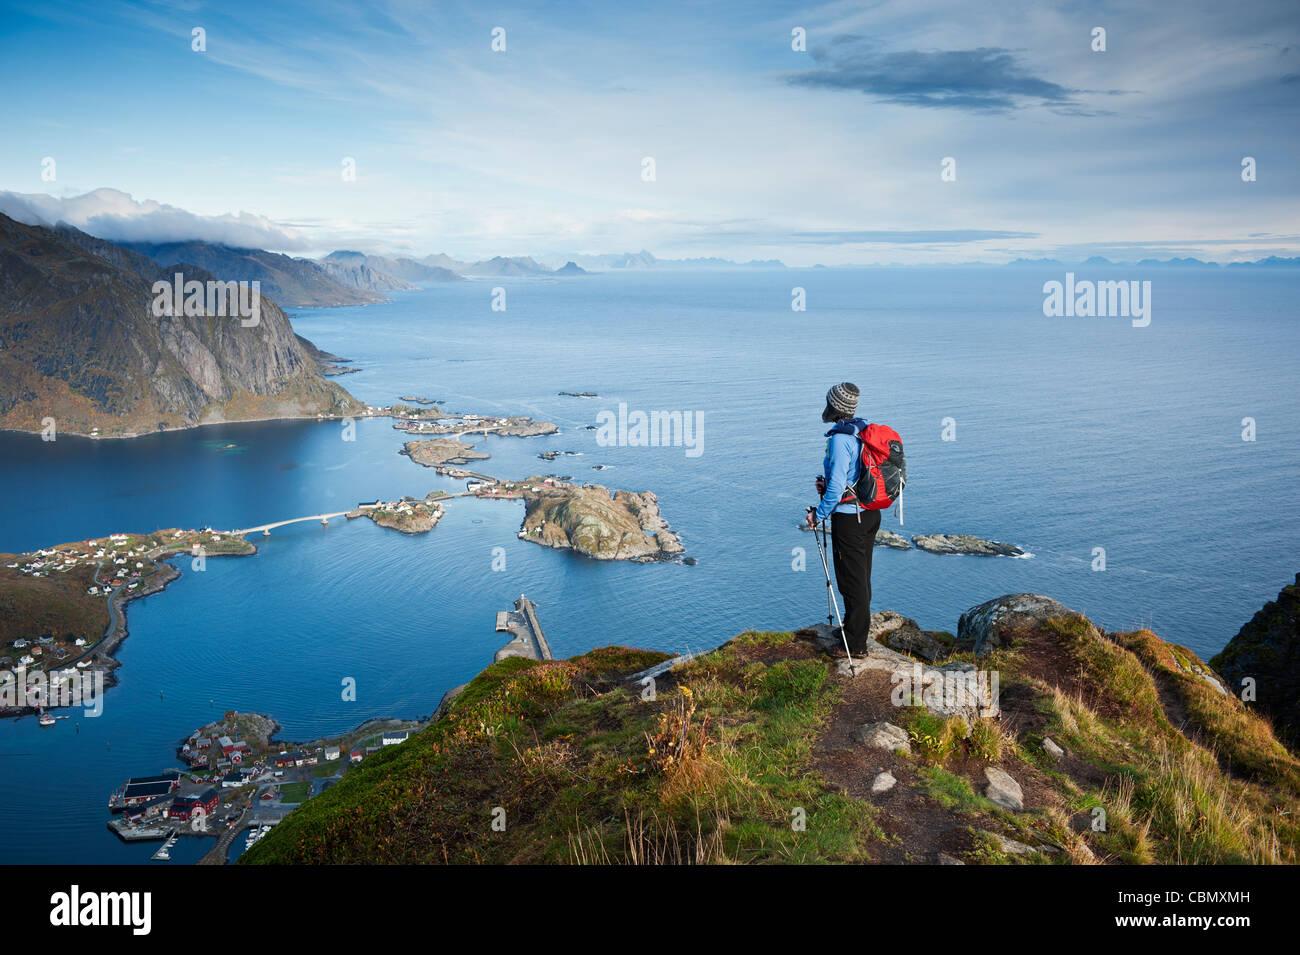 Escursionista femmina gode di una vista spettacolare sulle montagne e fiordi da Reinebringen, isole Lofoten in Norvegia Immagini Stock